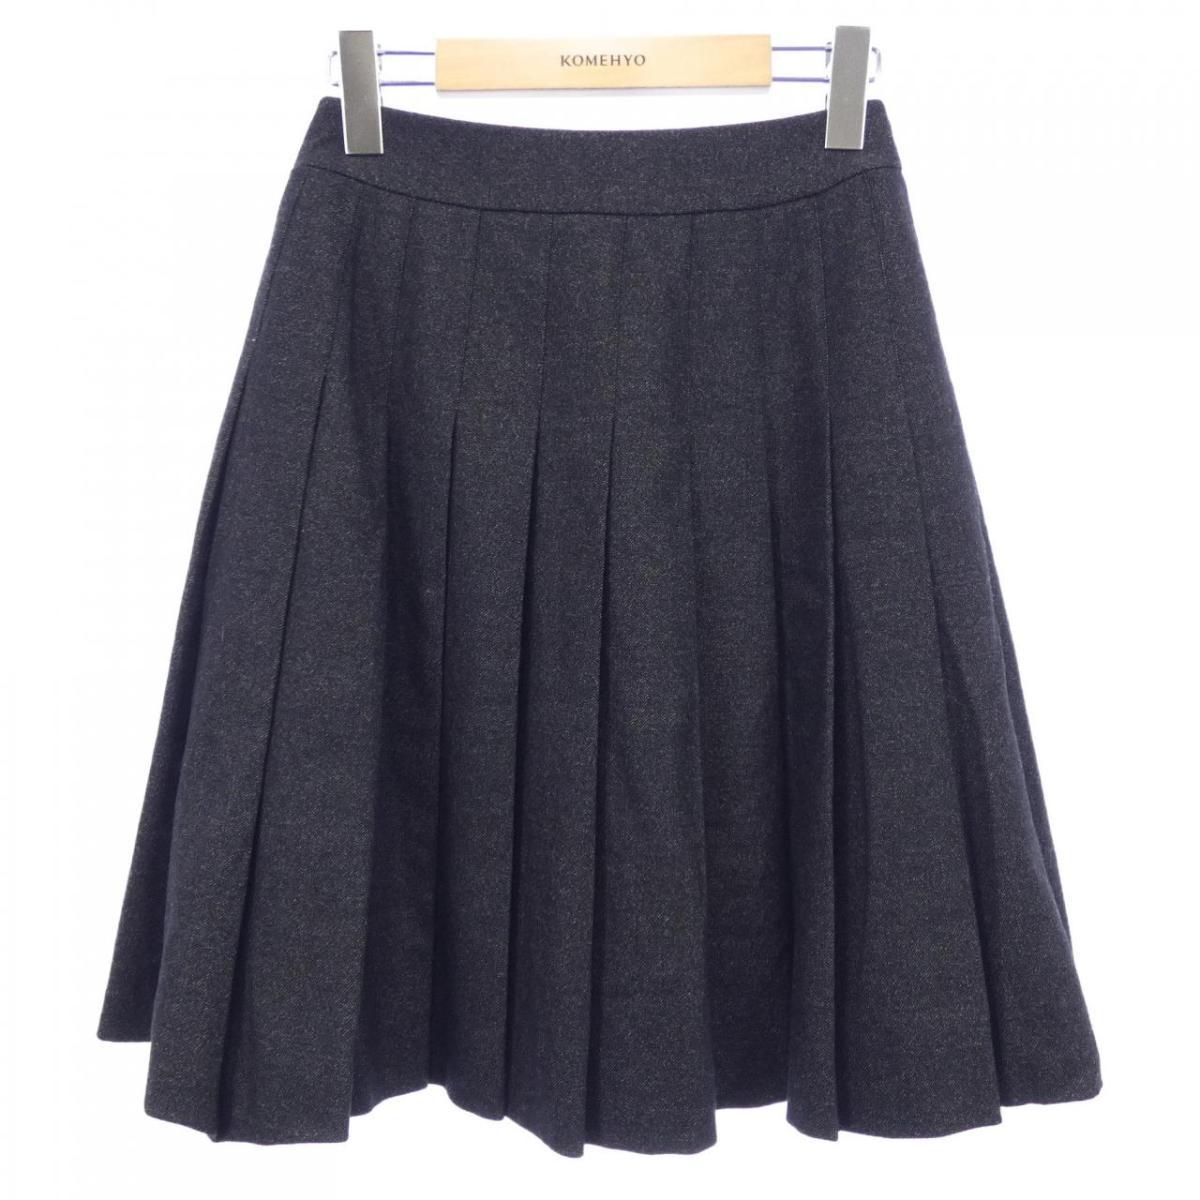 ヴィンテージ シャネル CHANEL 永遠の定番 お金を節約 スカート 中古